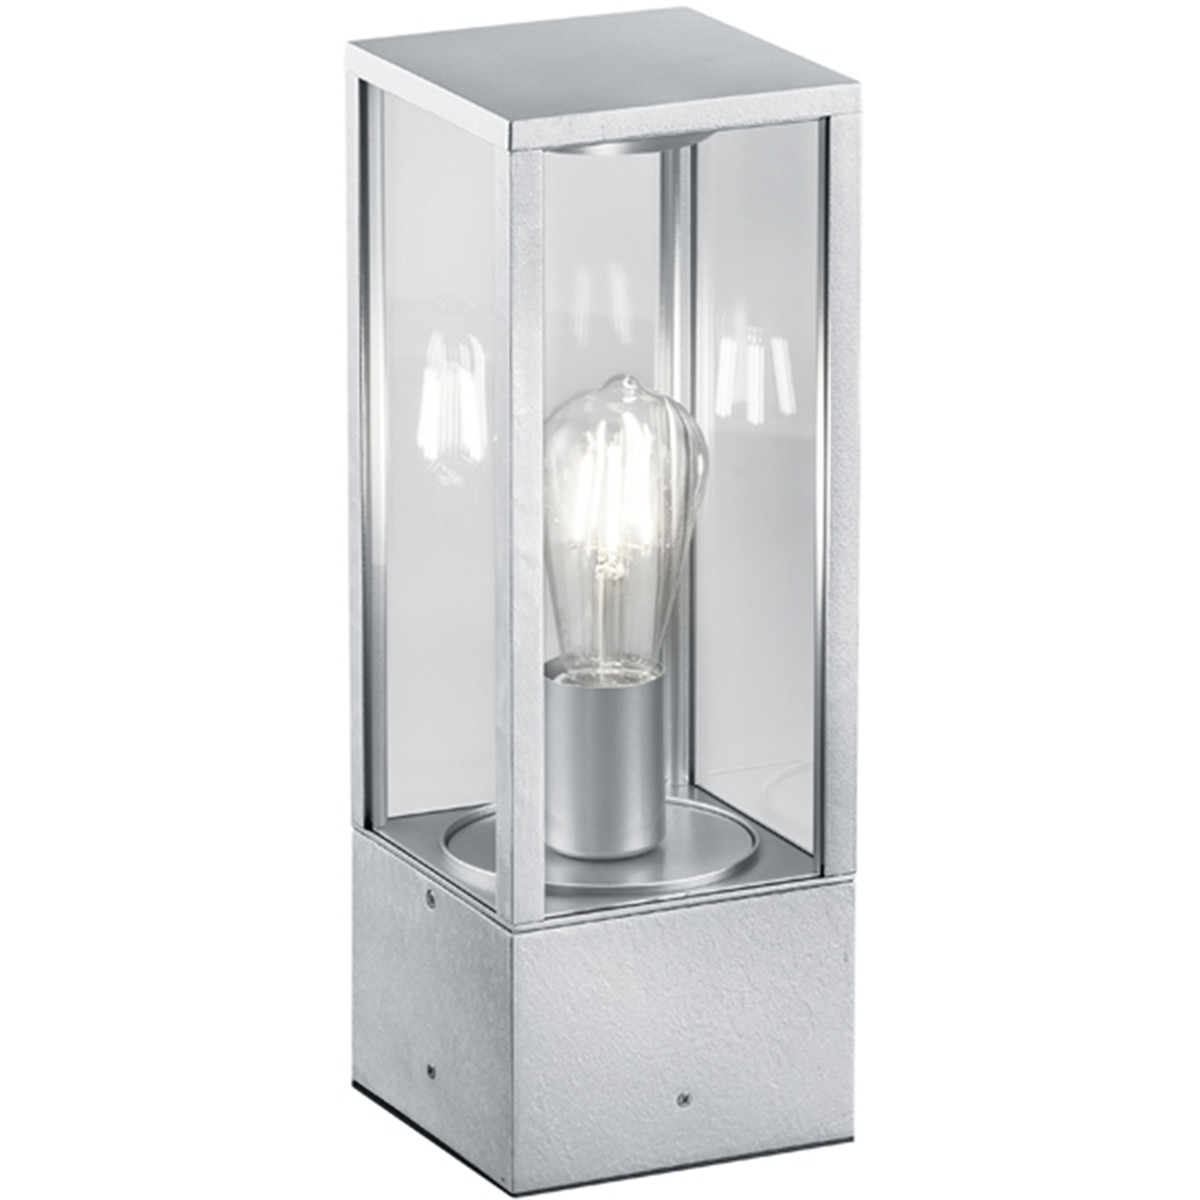 LED Tuinverlichting - Staande Buitenlamp - Trion Garinola - E27 Fitting - Mat Grijs - Aluminium